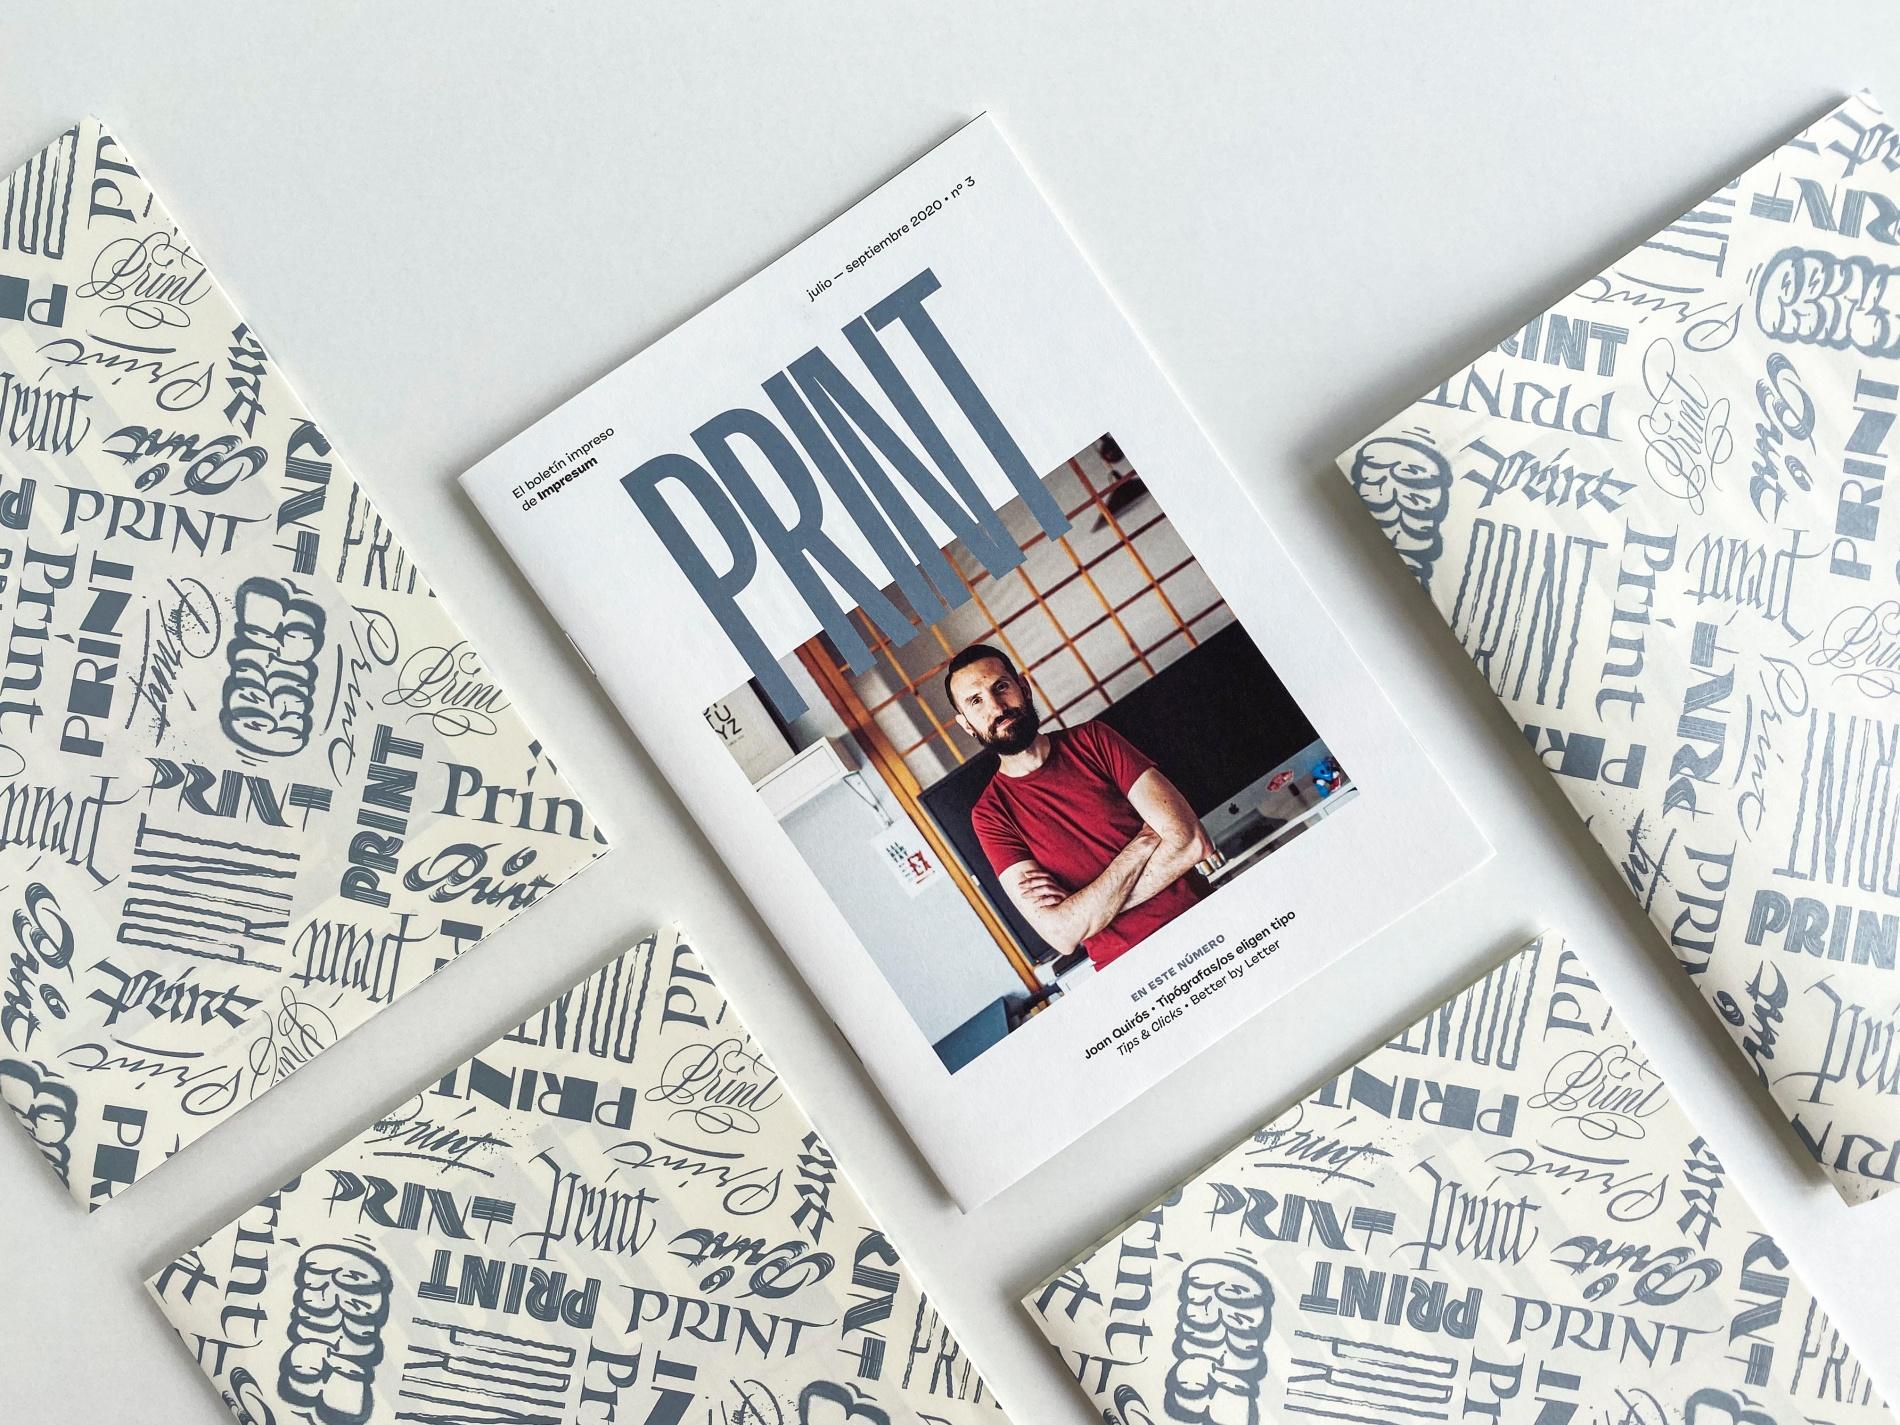 Llega PRINT 3 cargado de entrevistas, consejos y muchas letras